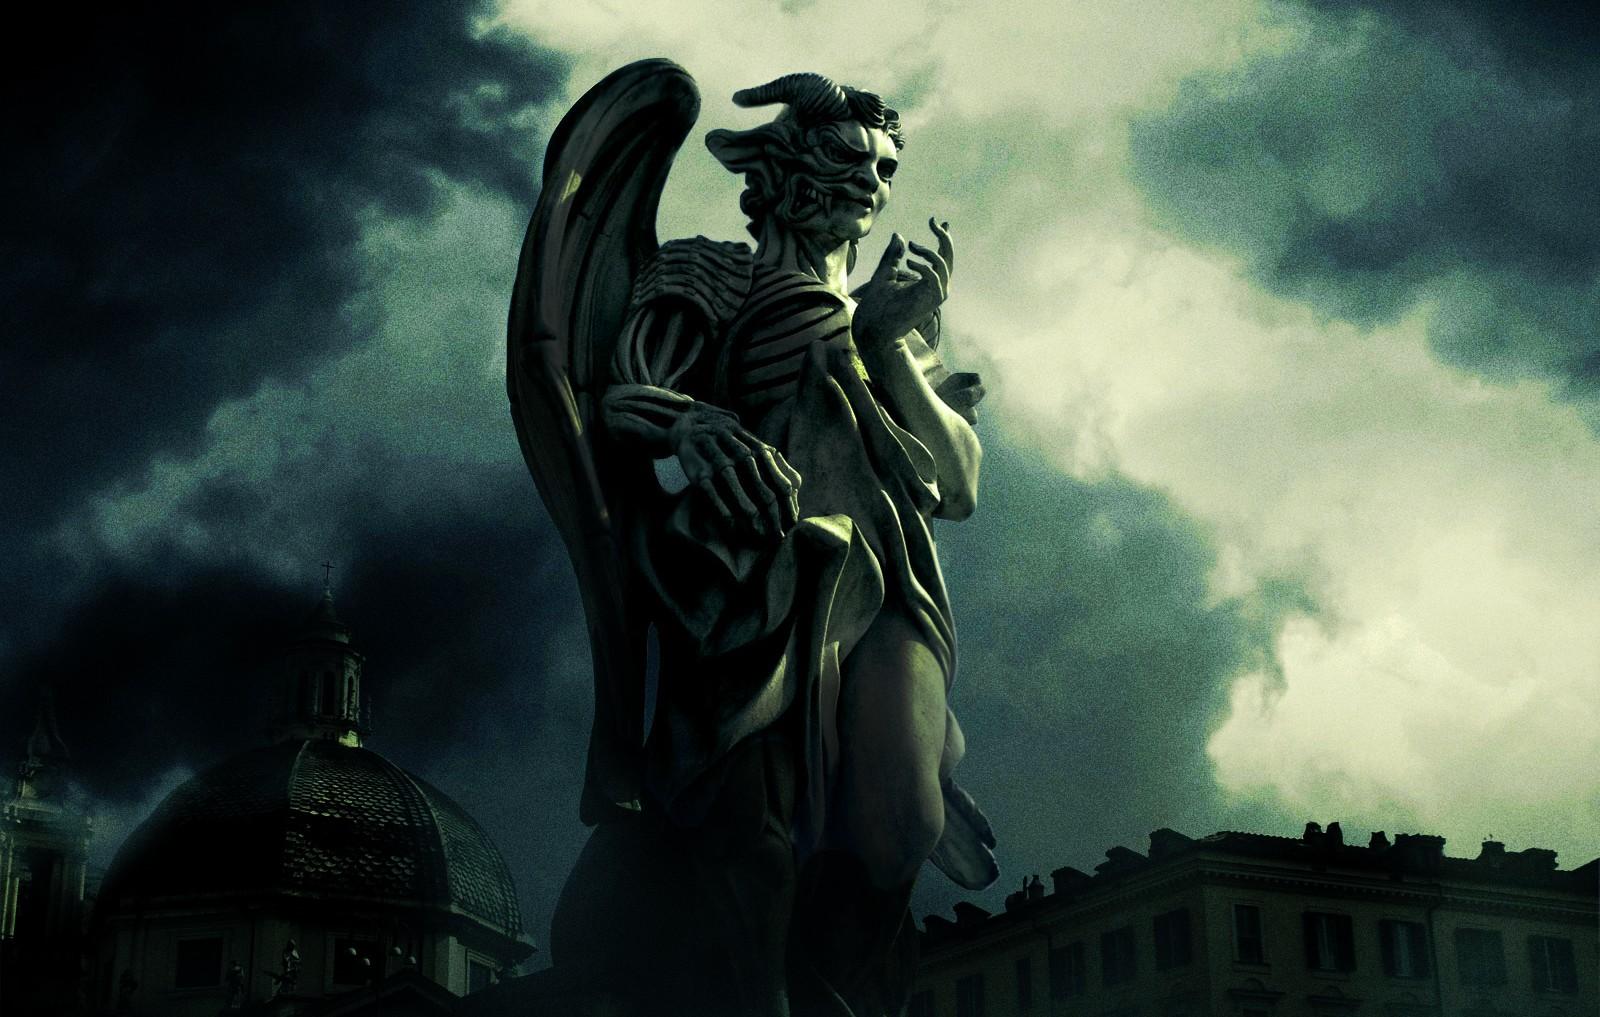 Diablo Wallpaper Hd 161 Cuidado El Demonio Te Tienta Usando Tu Fe Estas Son Sus